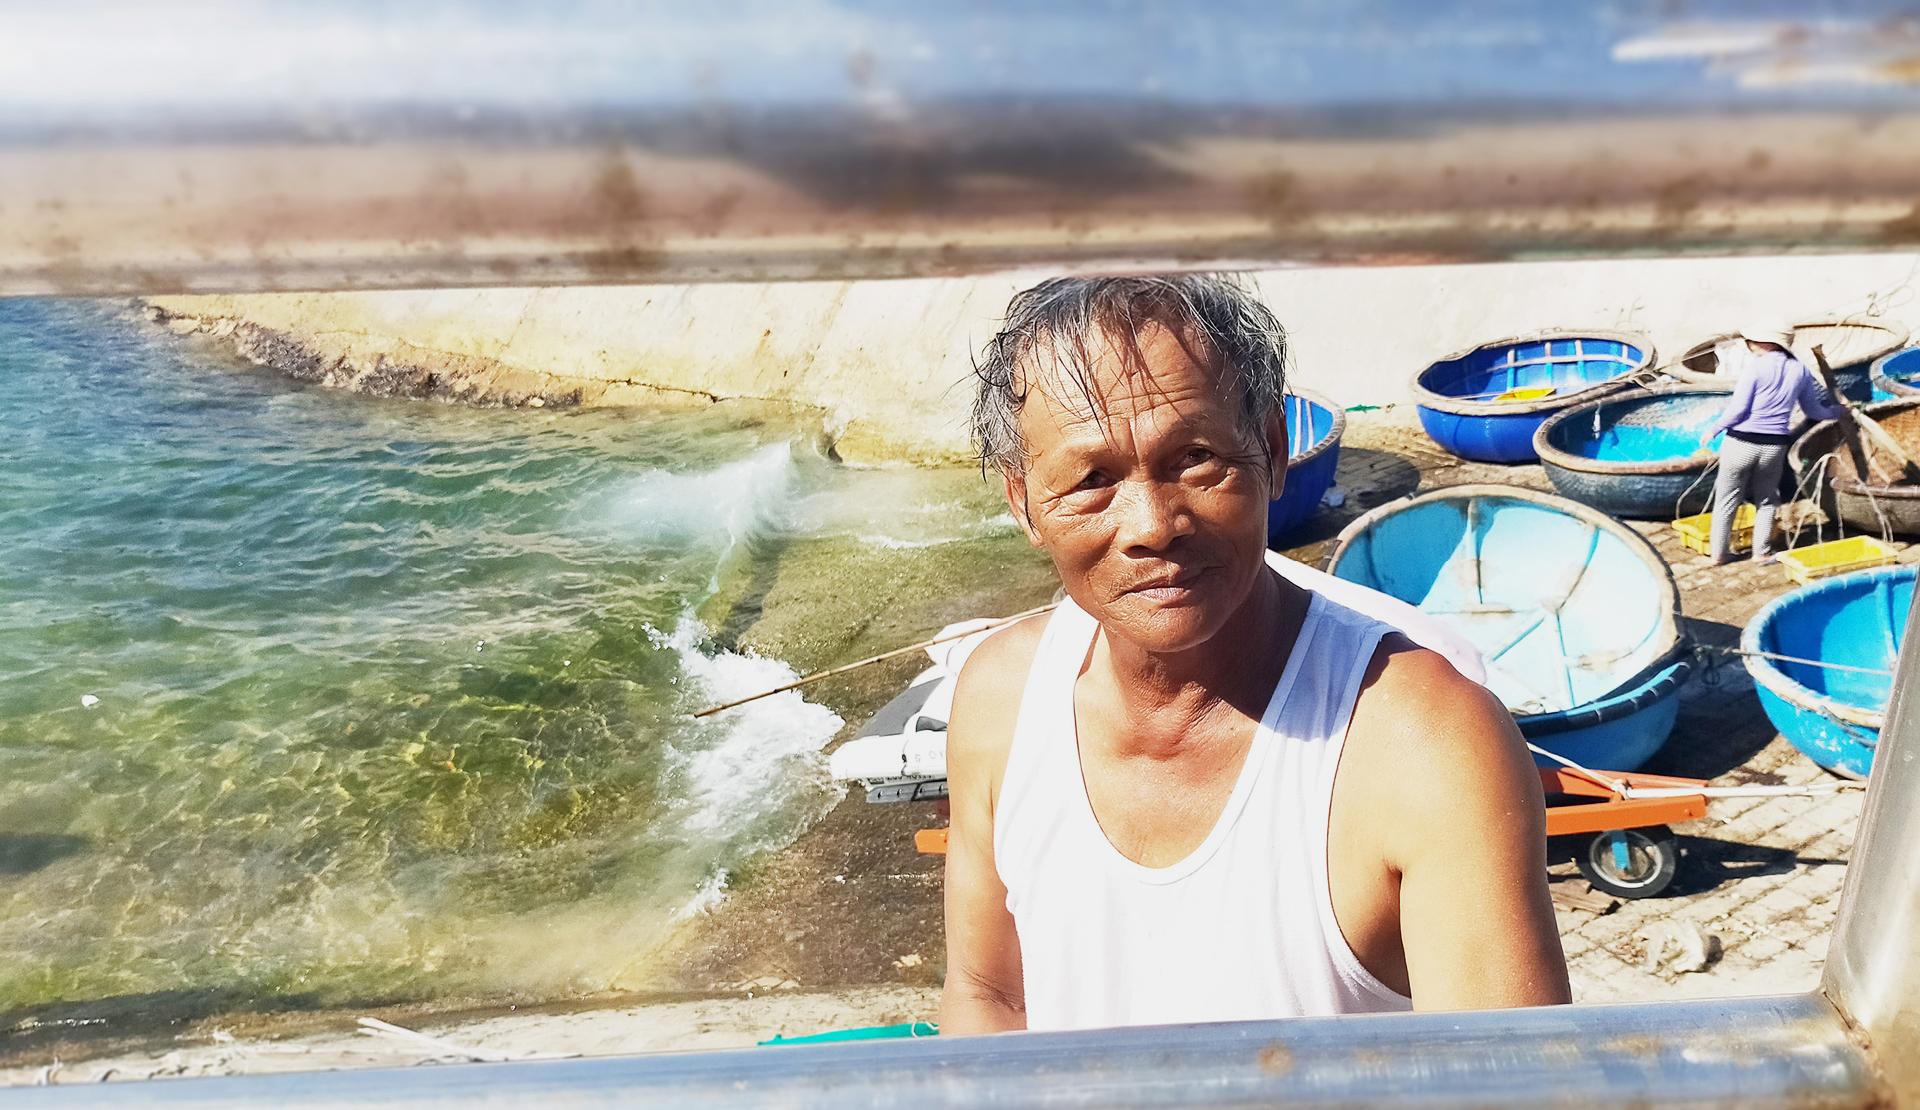 Săn tôm hùm biển kiếm bạc triệu mỗi ngày ảnh 13